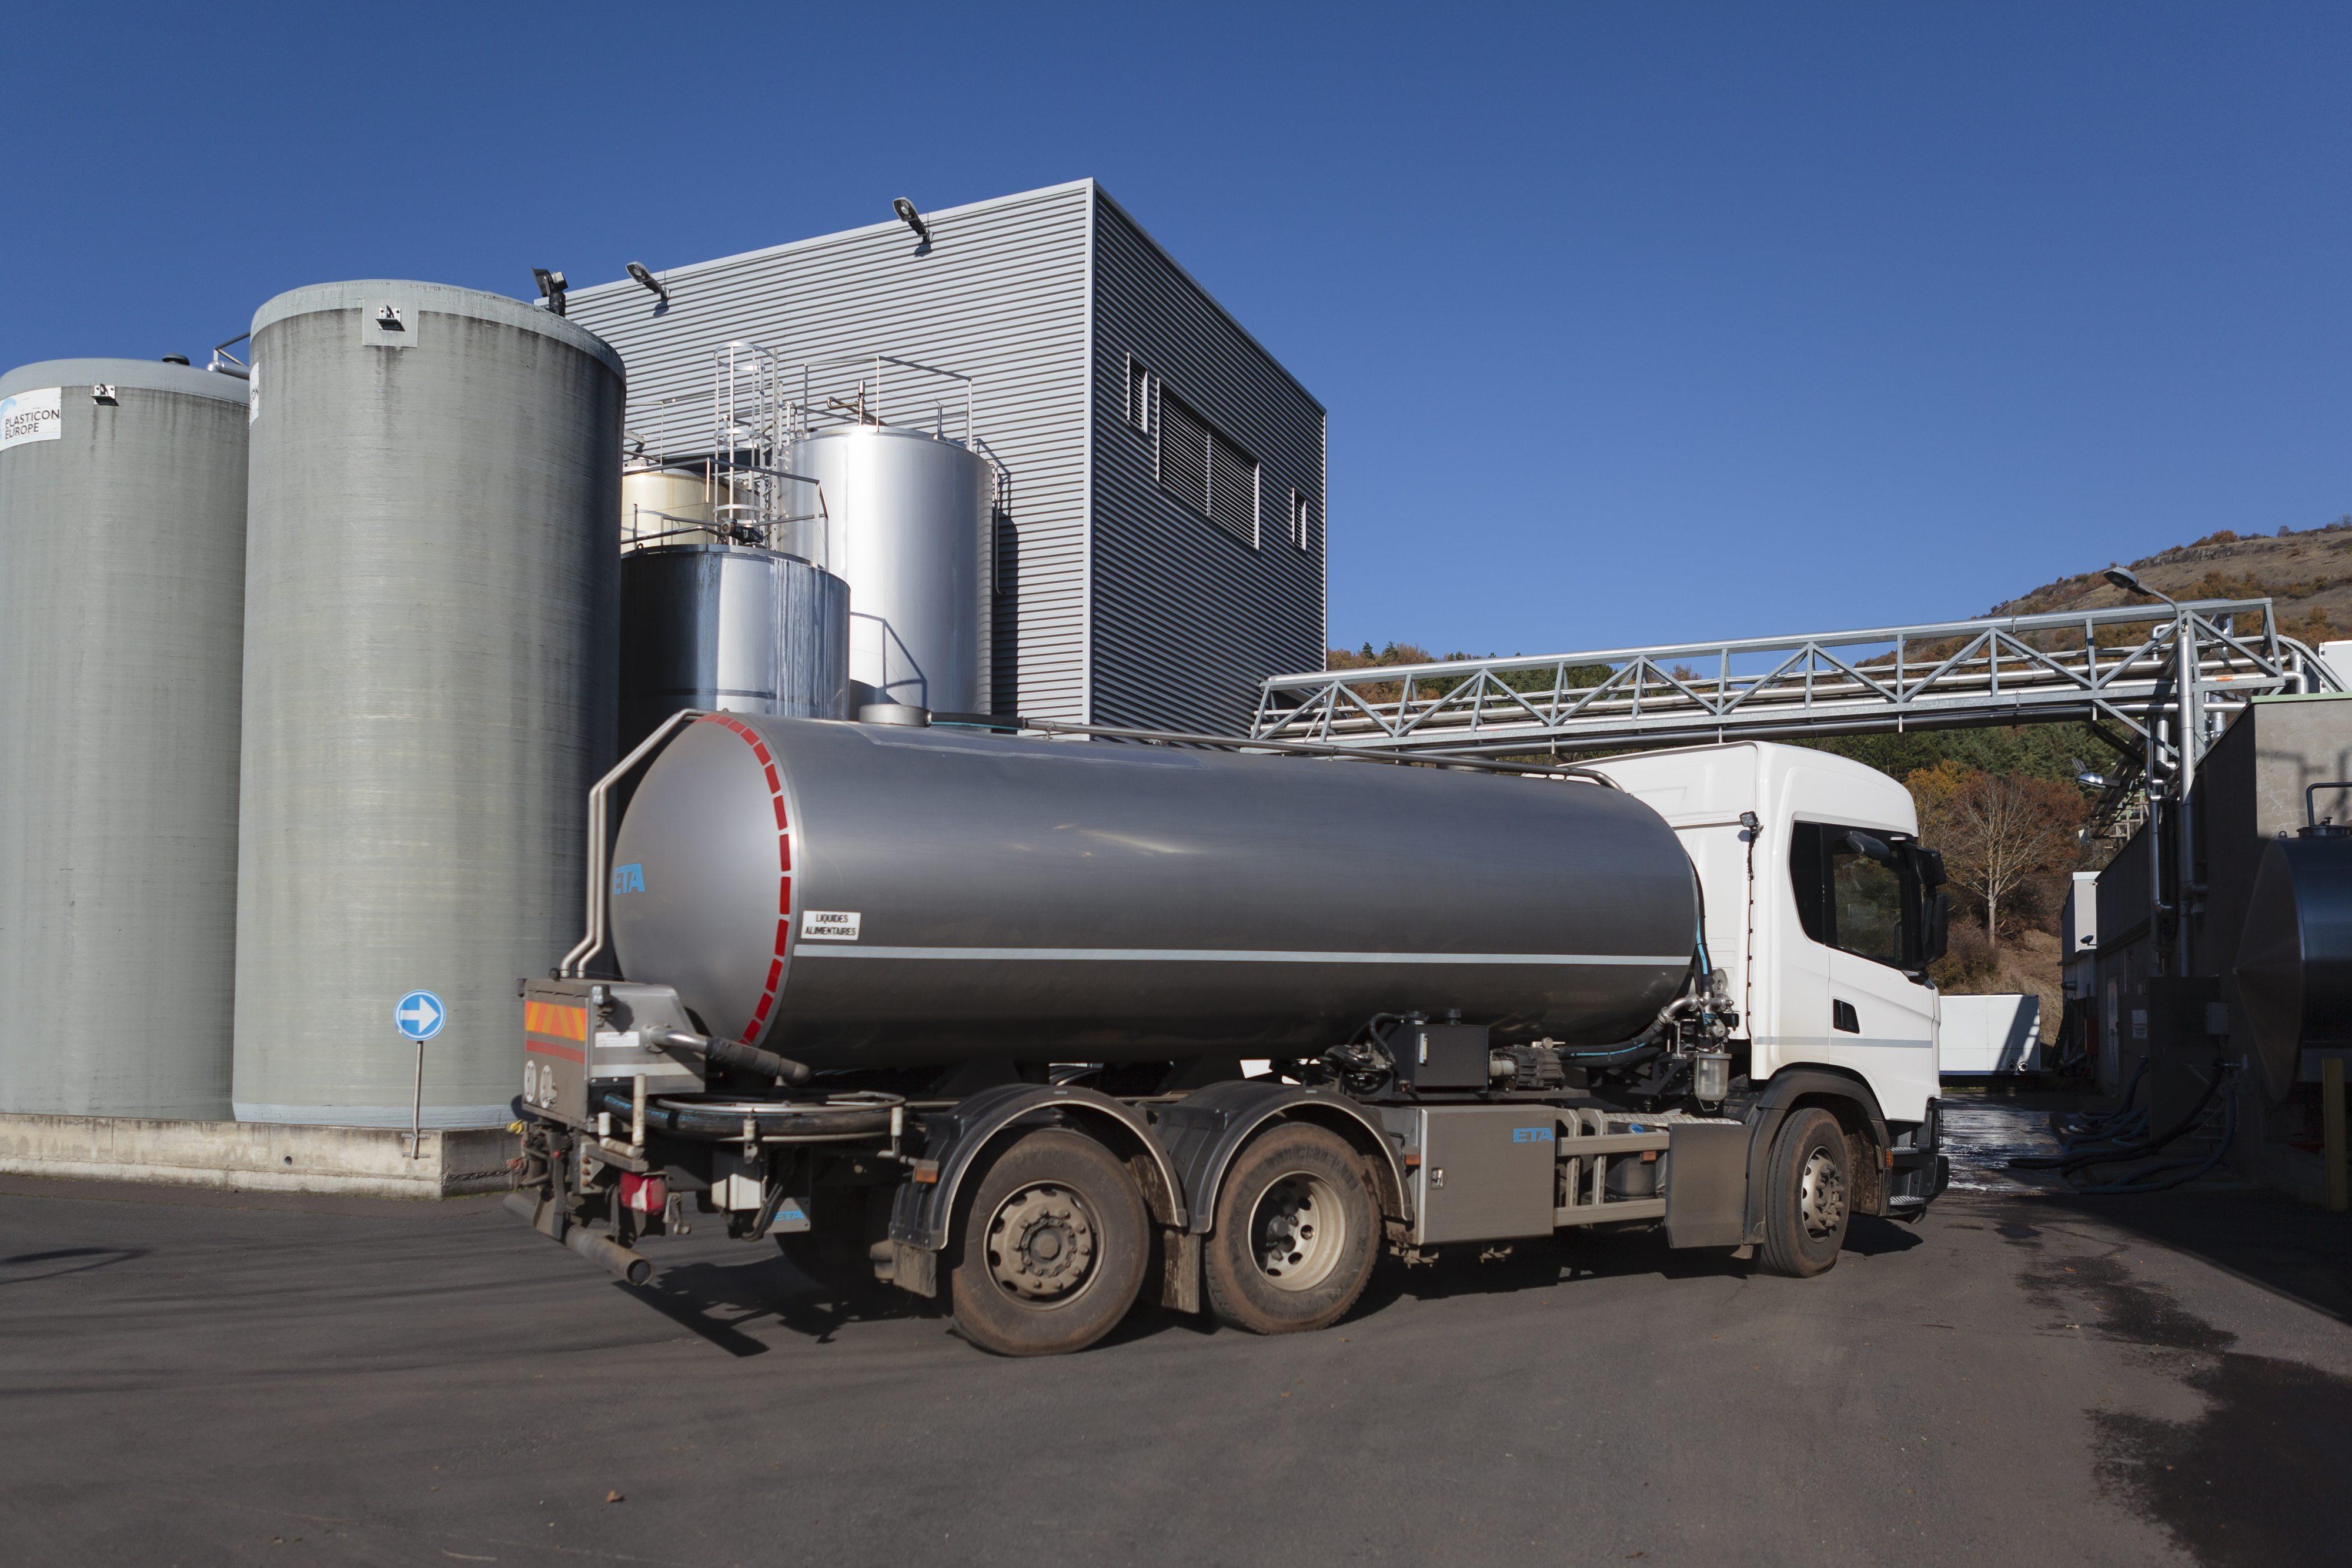 Usine, camion arrivant à l'usine, cuves